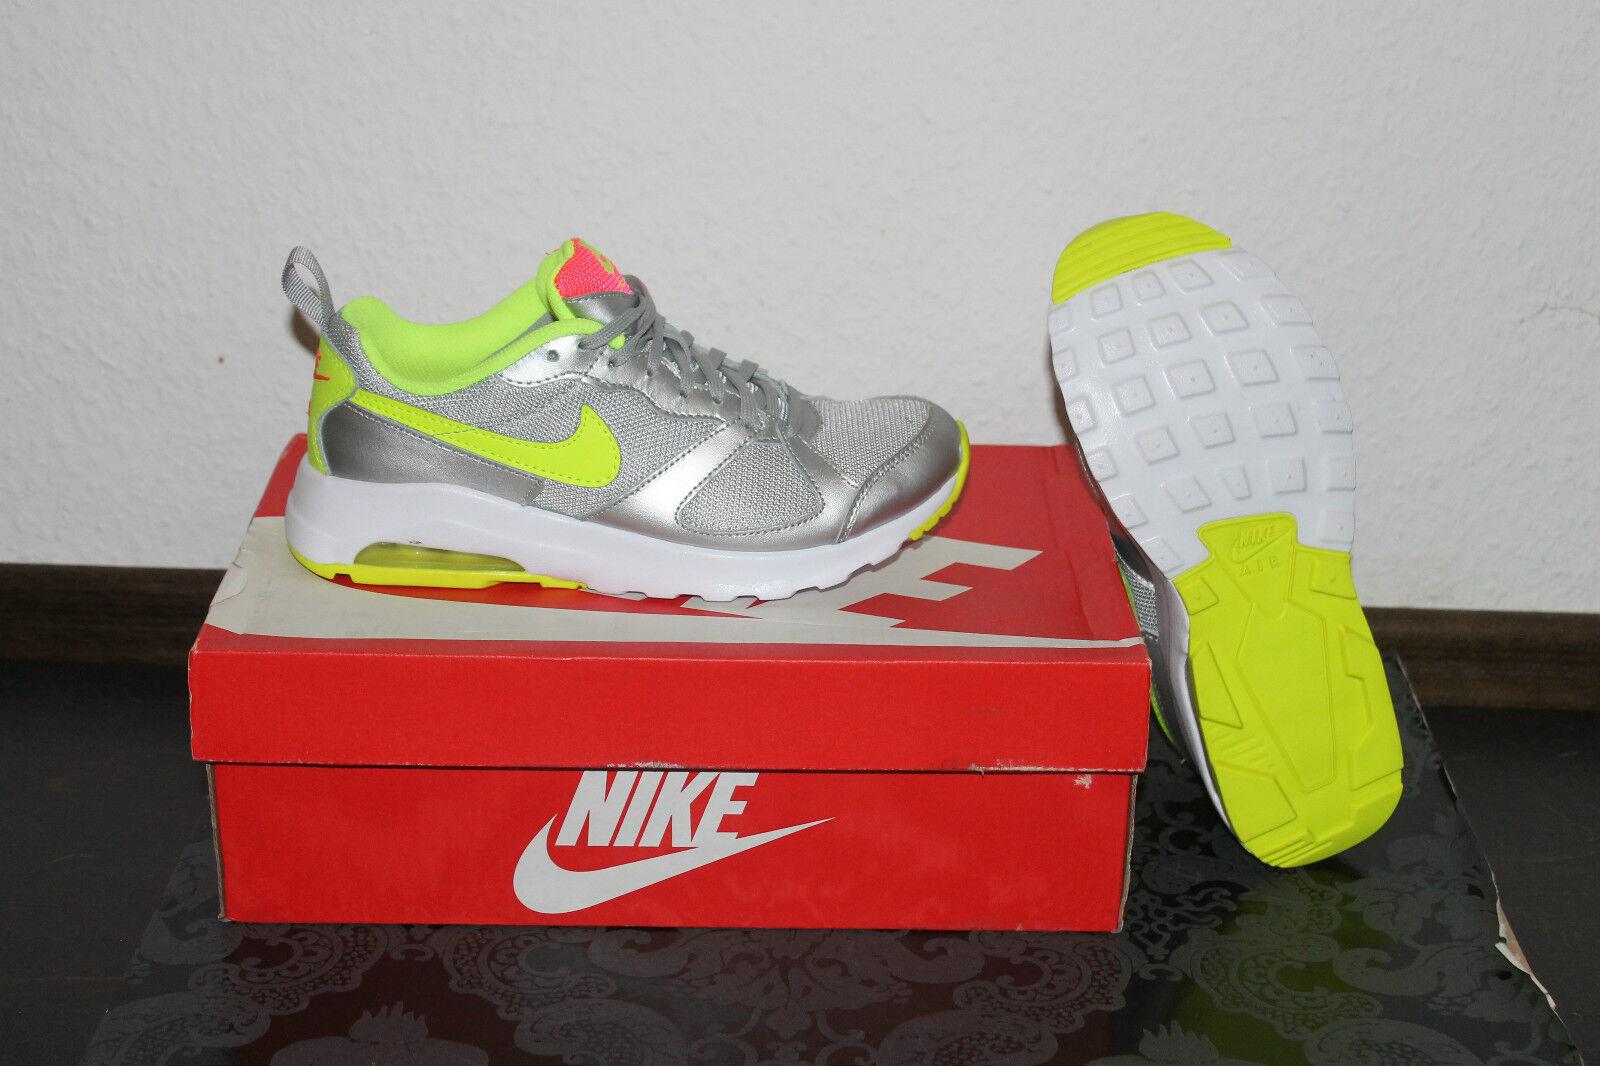 mejor reputación NIKE AIR AIR AIR MAX MUSE MUJER Correr Zapatos plata Amarillo Todo Tallas Nuevo con caja  alta calidad general